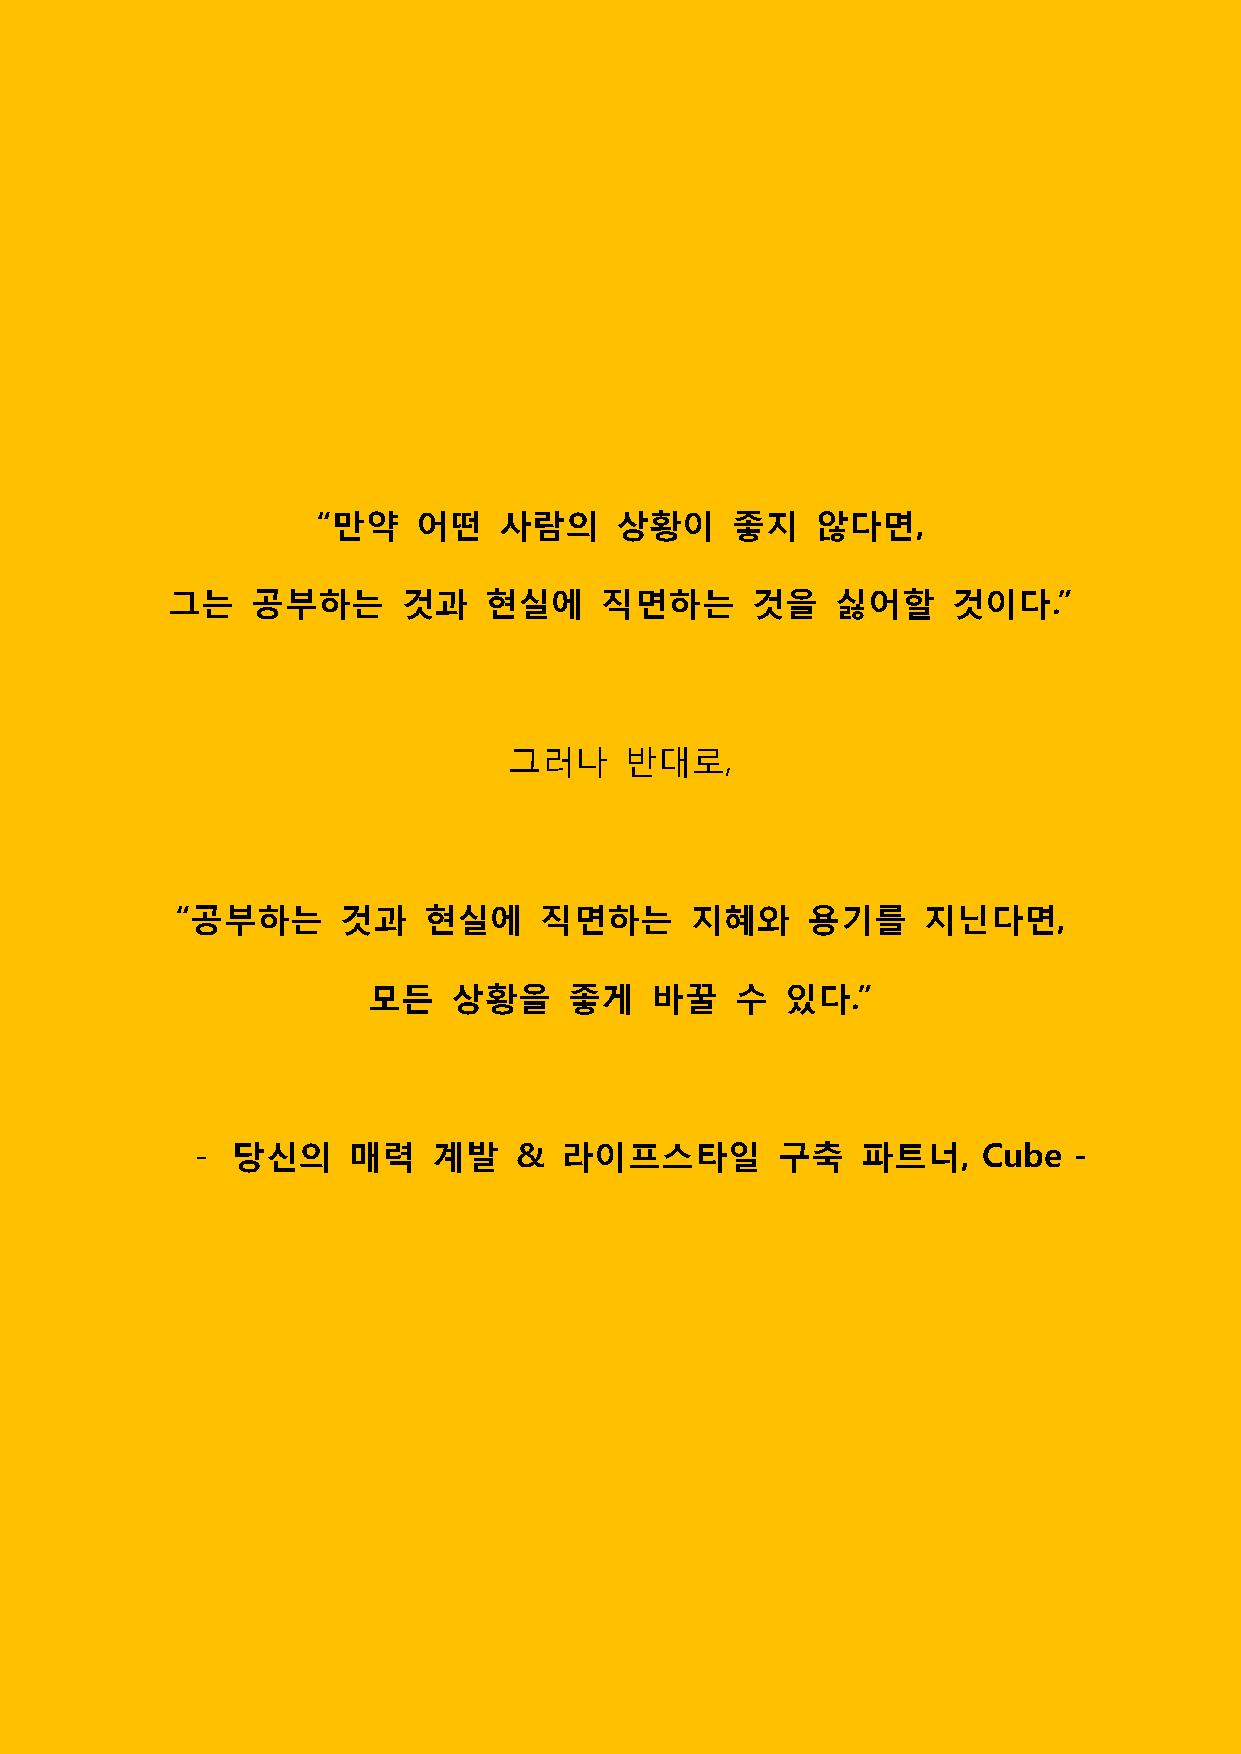 라이트닝_Page_17.png